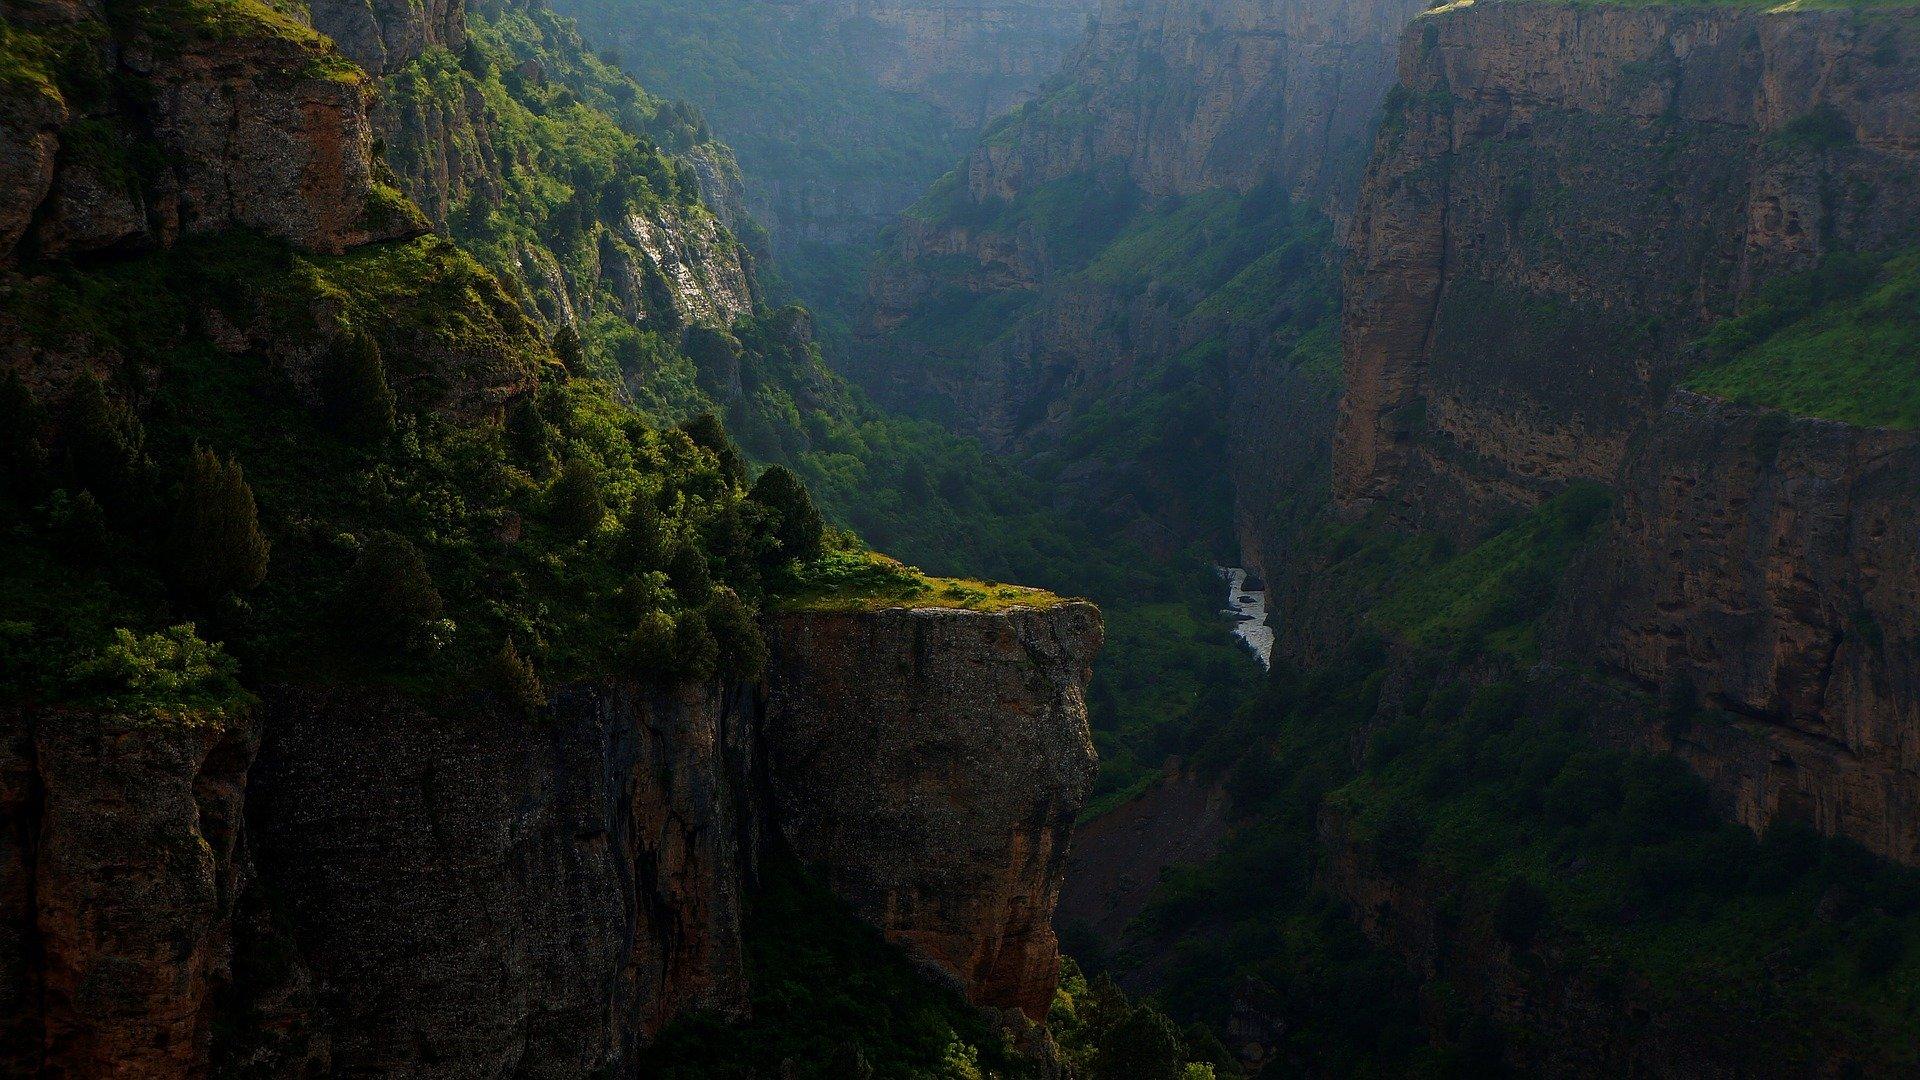 turismo sostenible y responsable